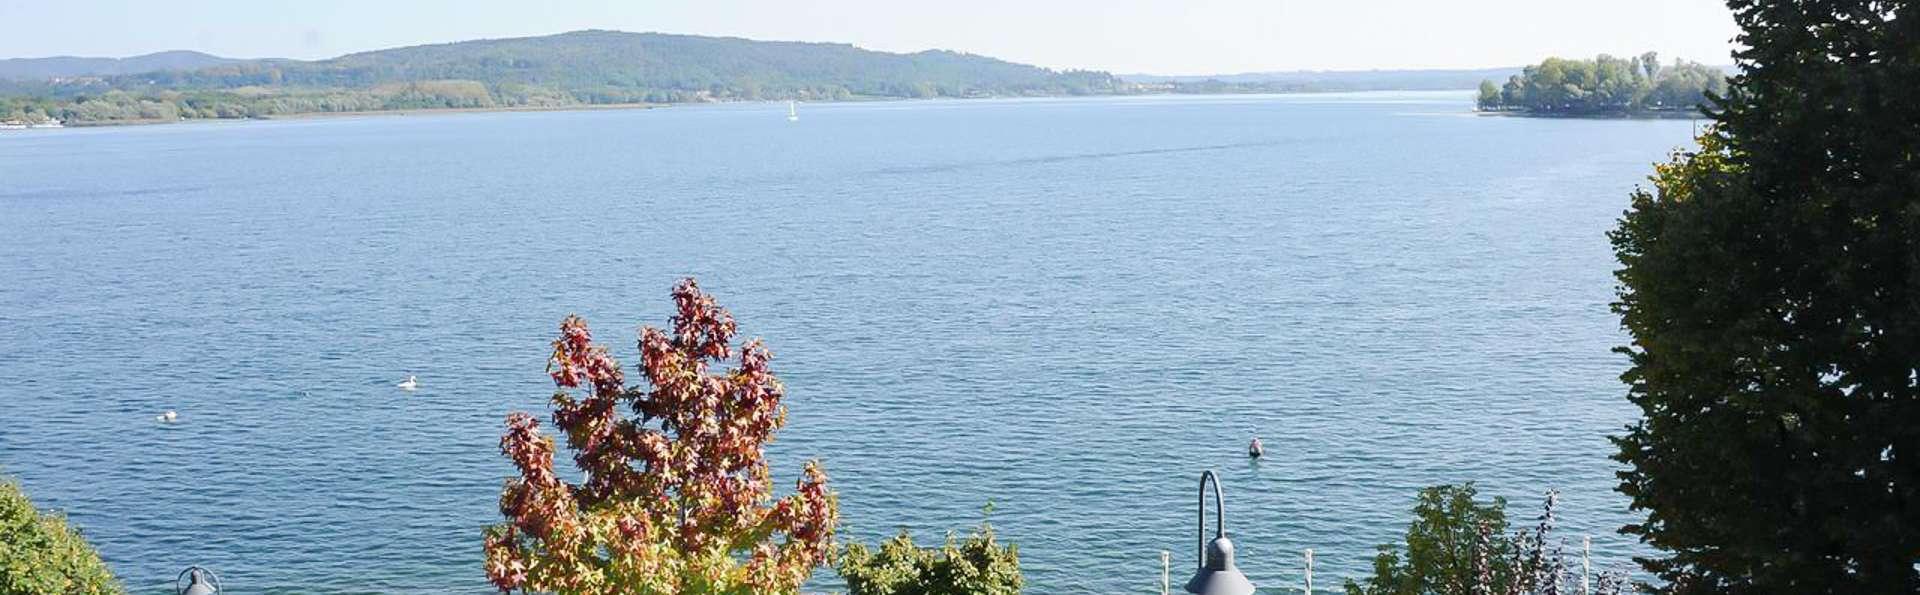 Séjour de deux nuits sur le Lac Majeur, à Arona